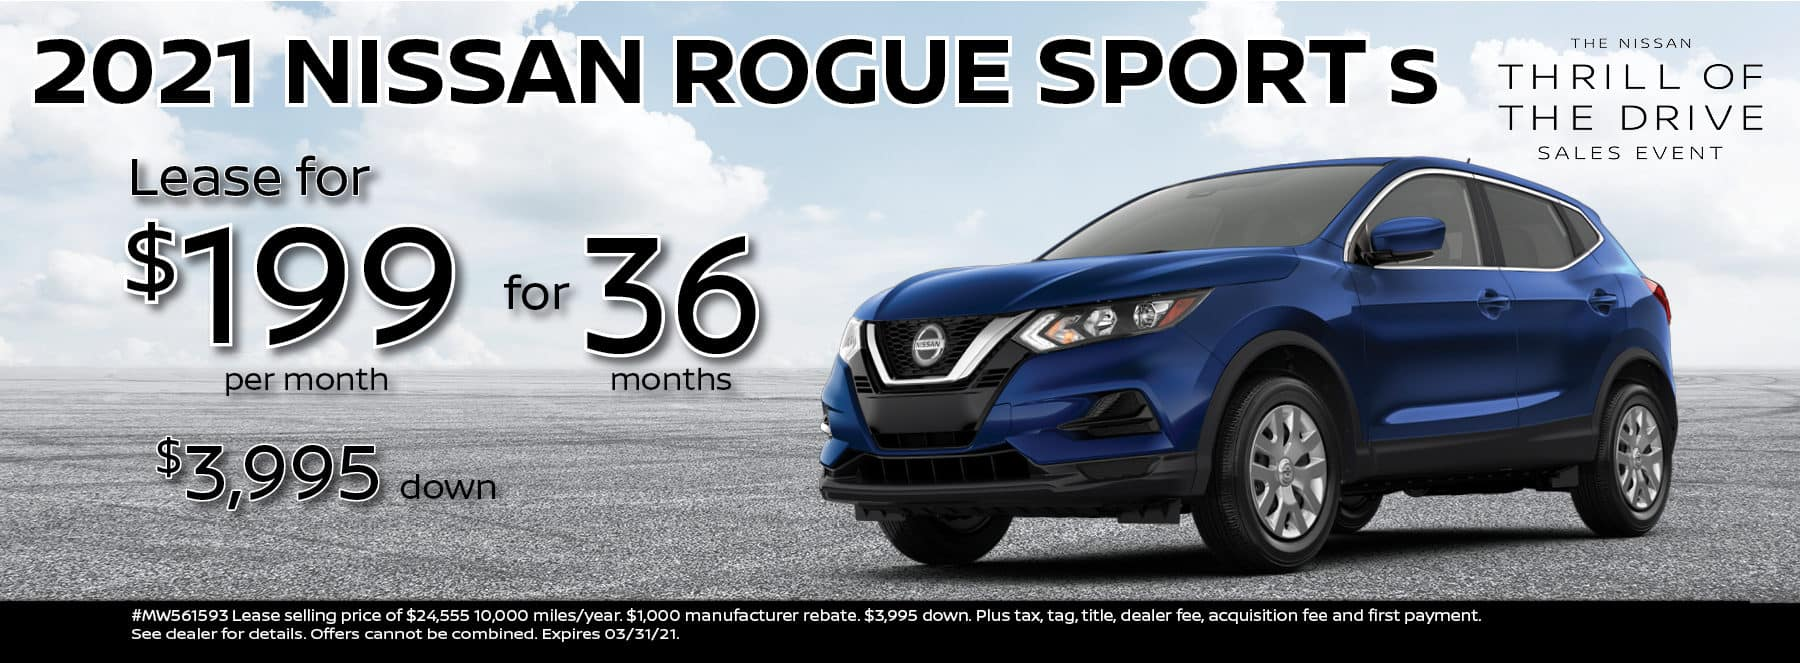 2021 Rogue Sport 199